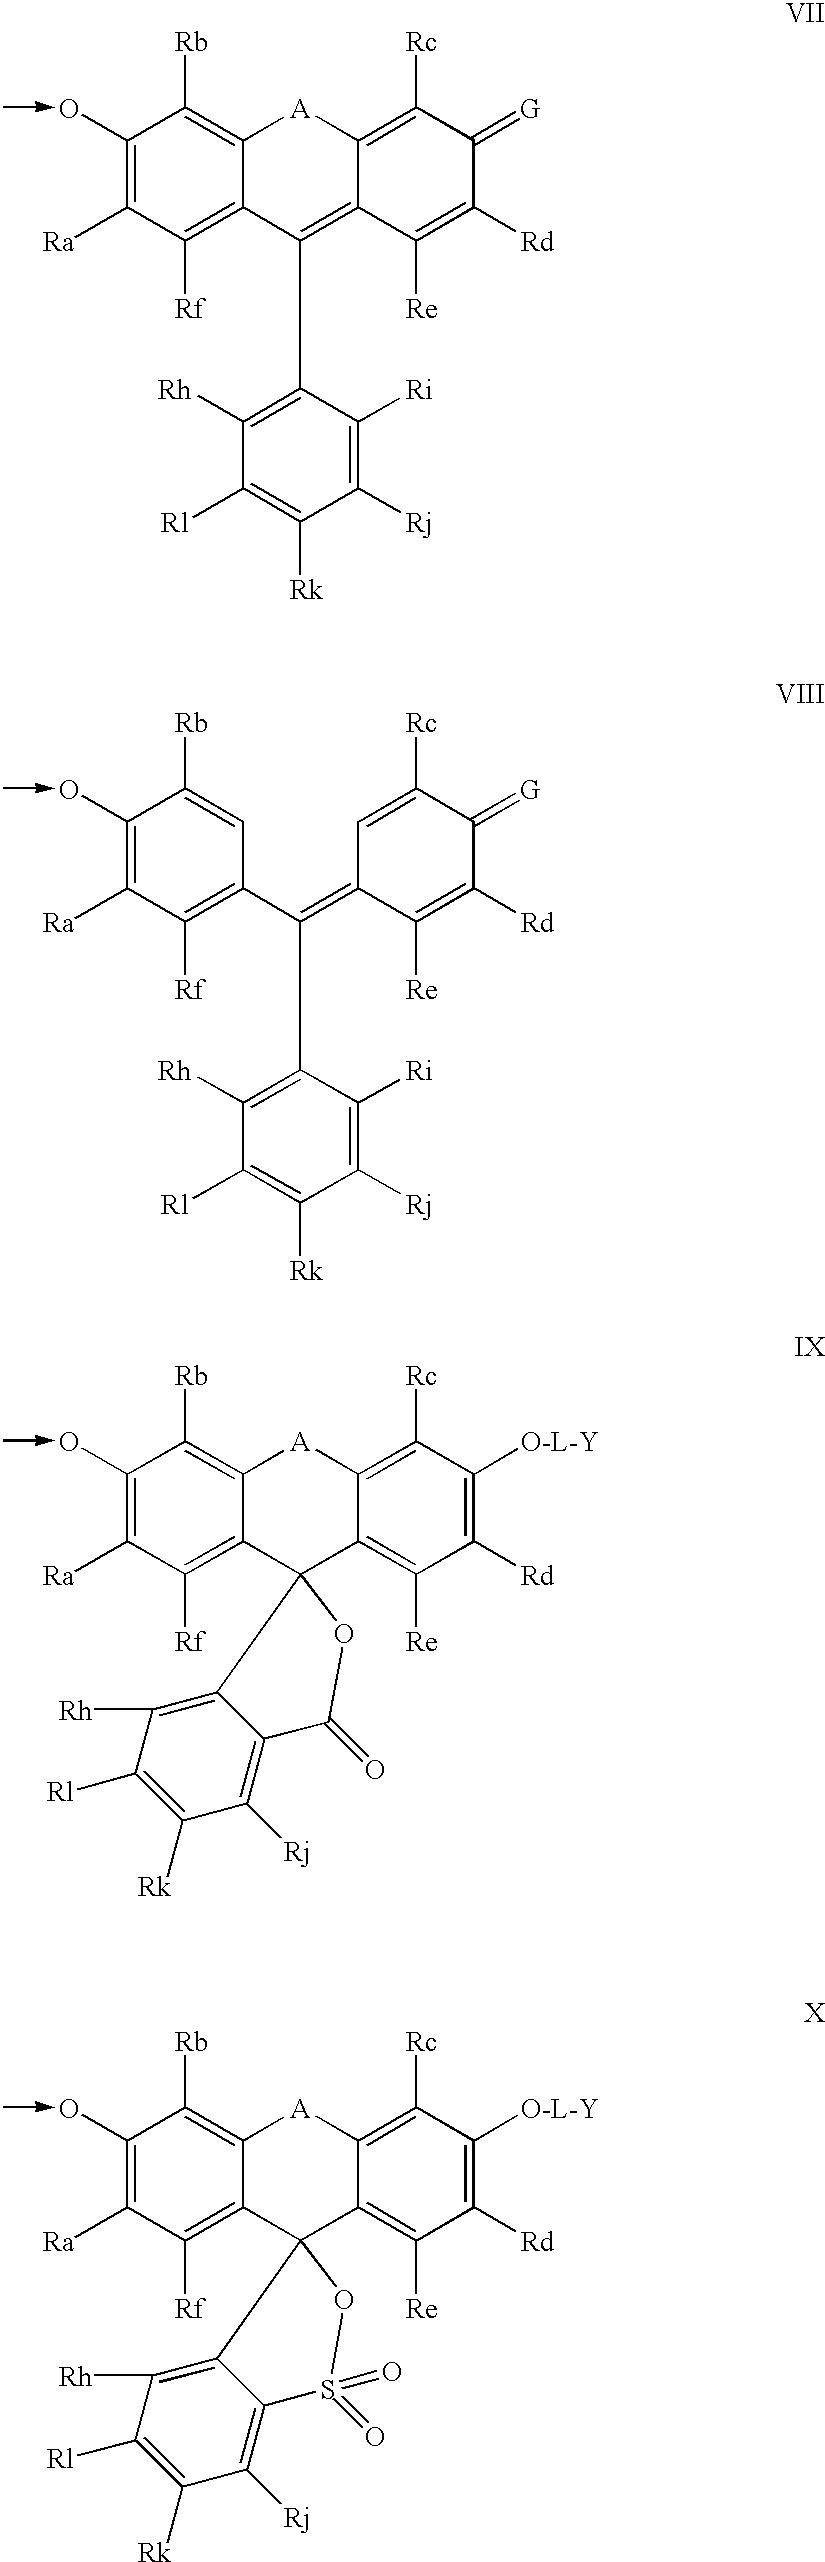 Figure US06514687-20030204-C00002